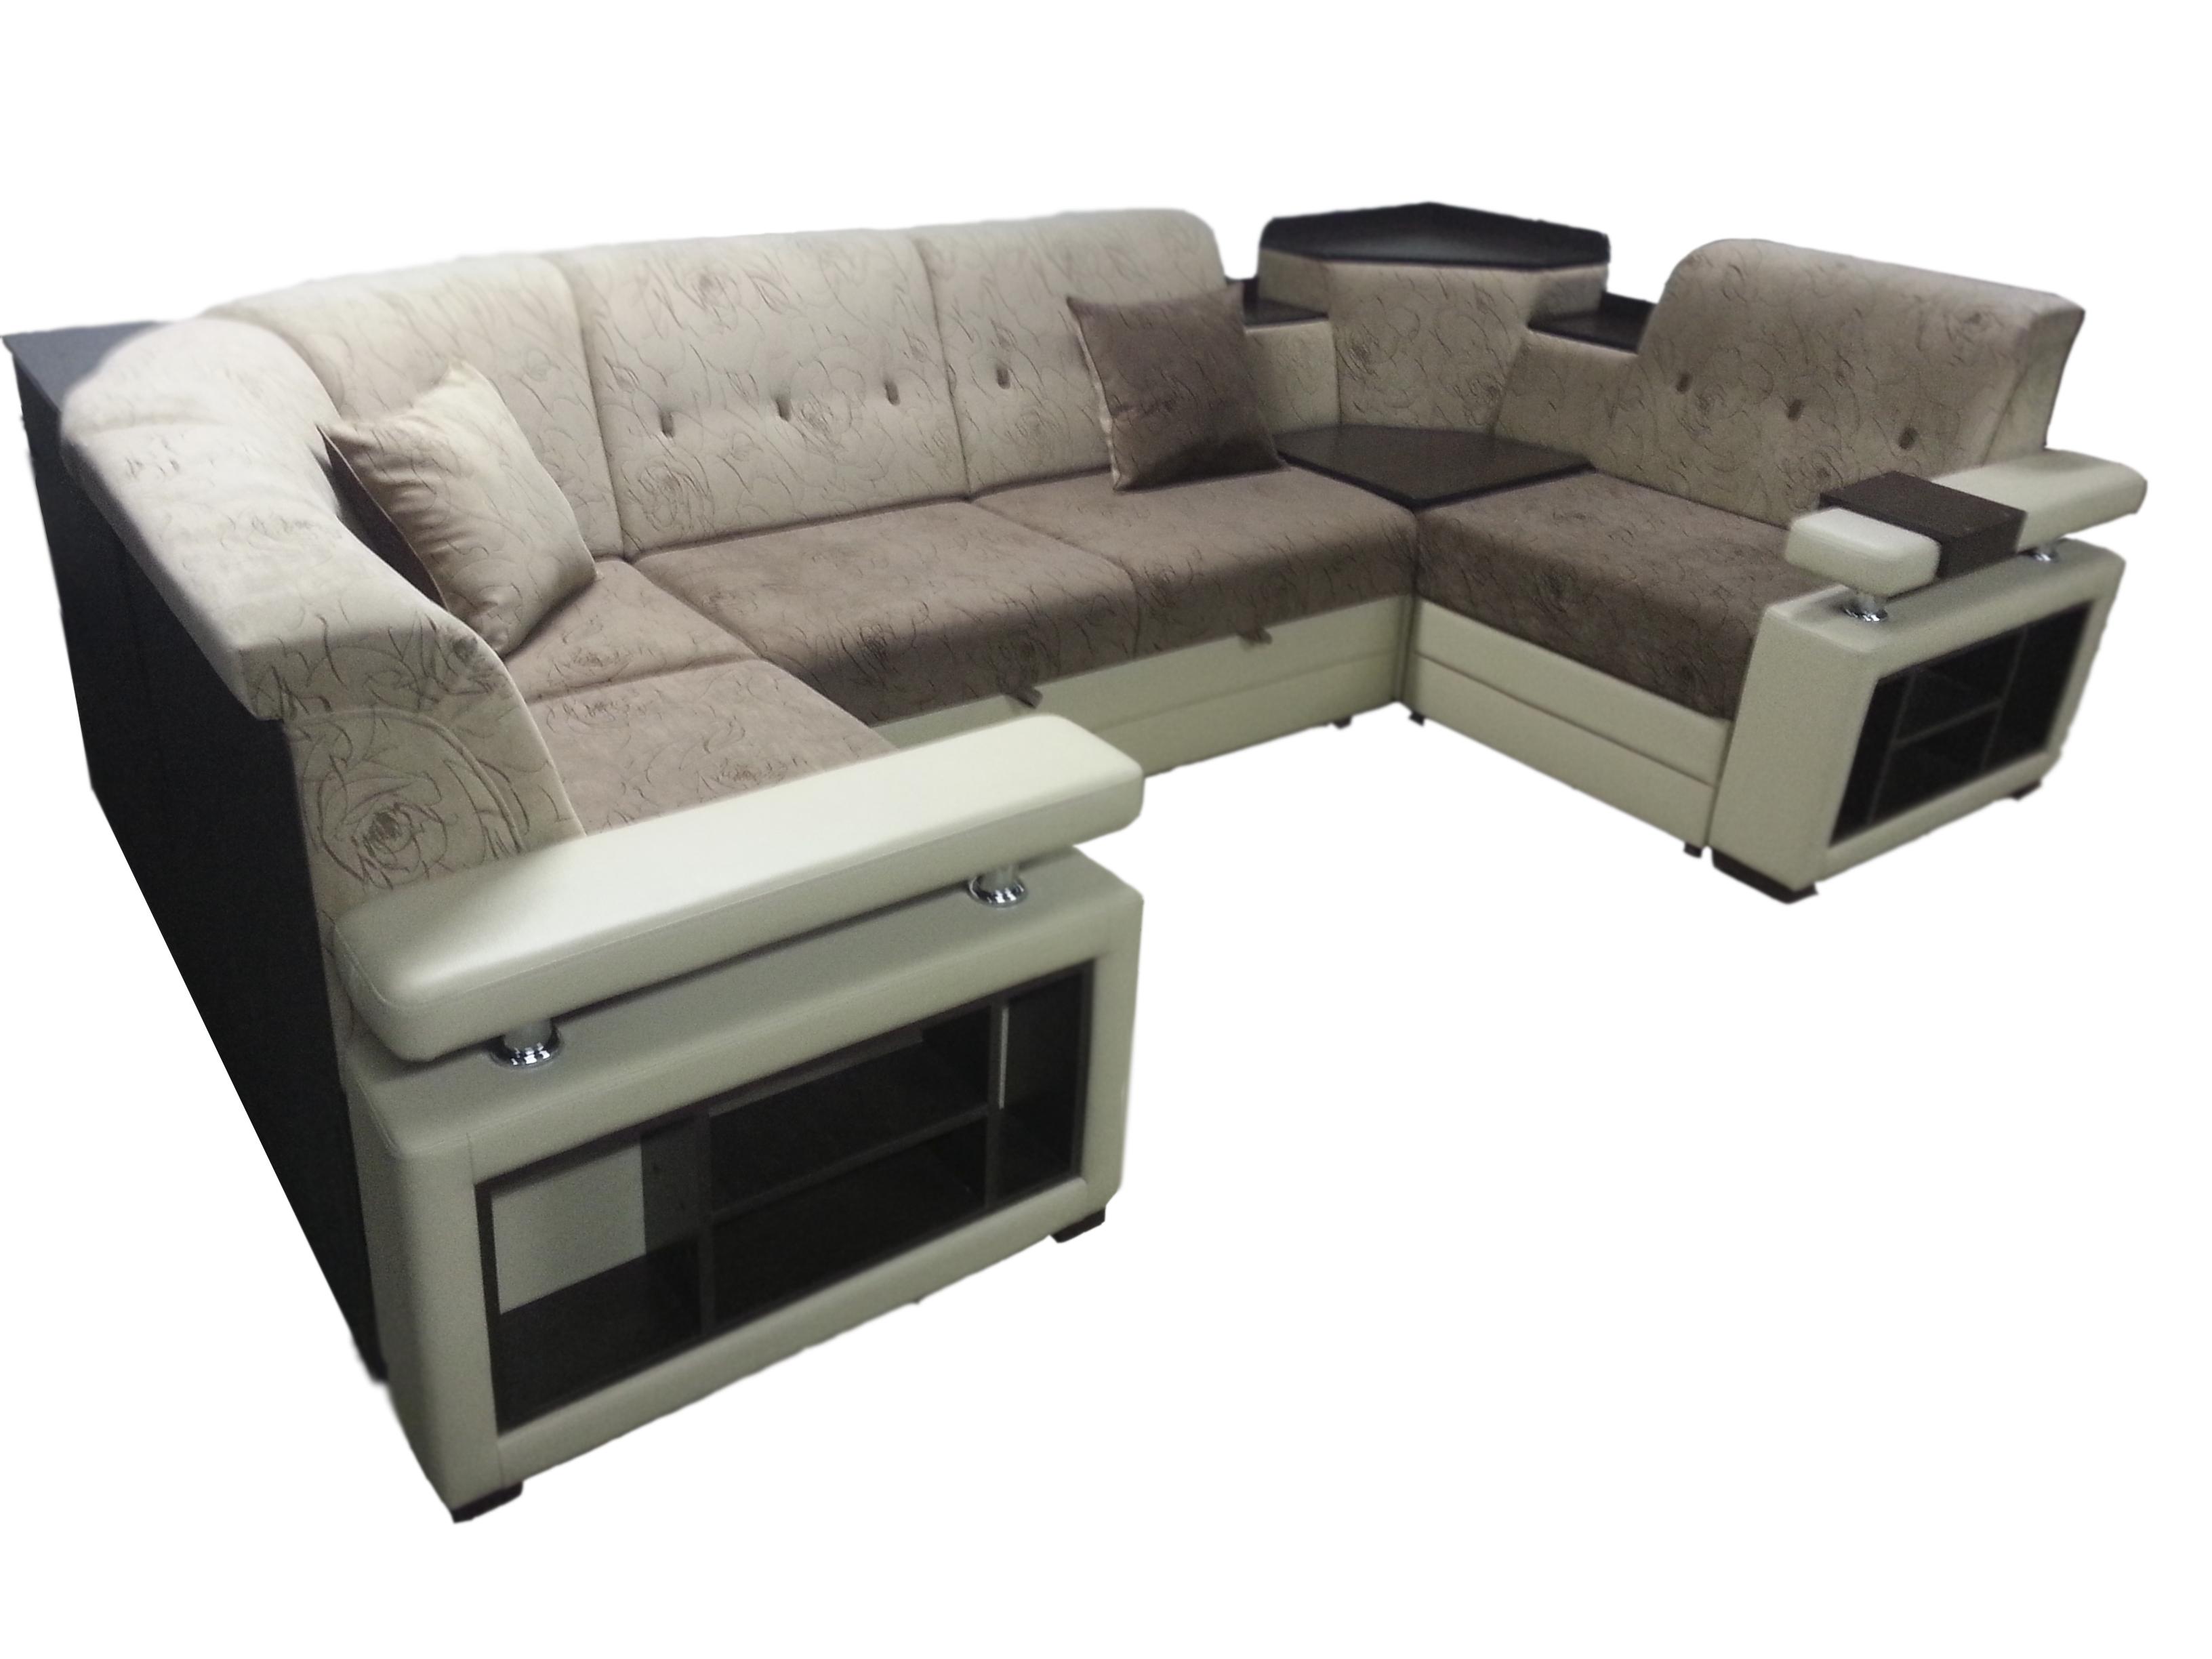 мебель в кредит в ташкенте без первоначального взноса